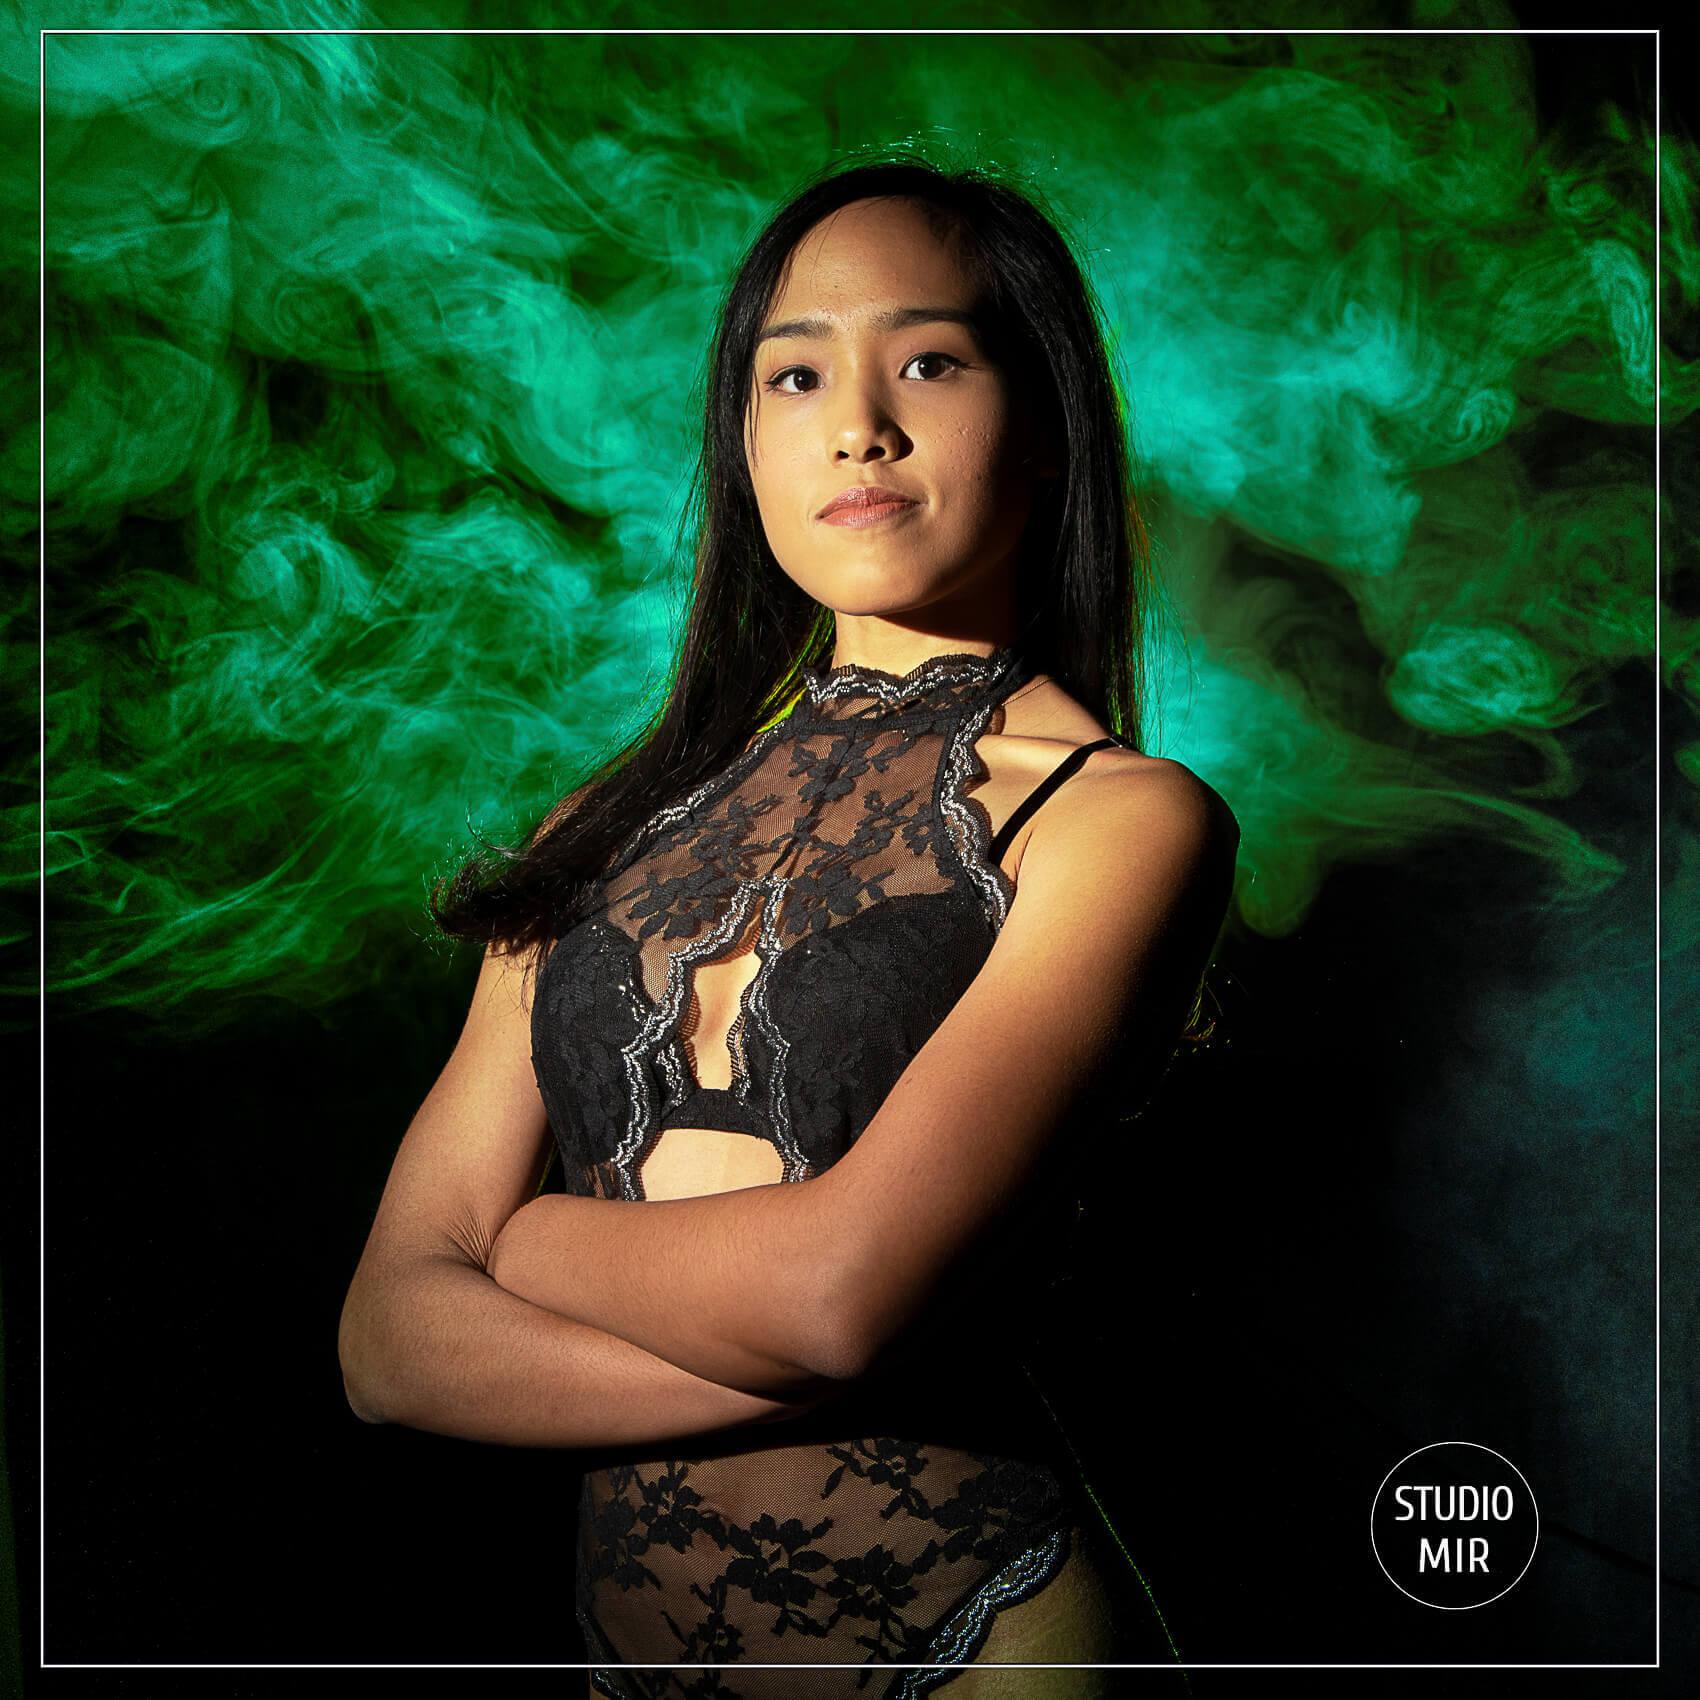 19-09-portrait-smoke-mir-1